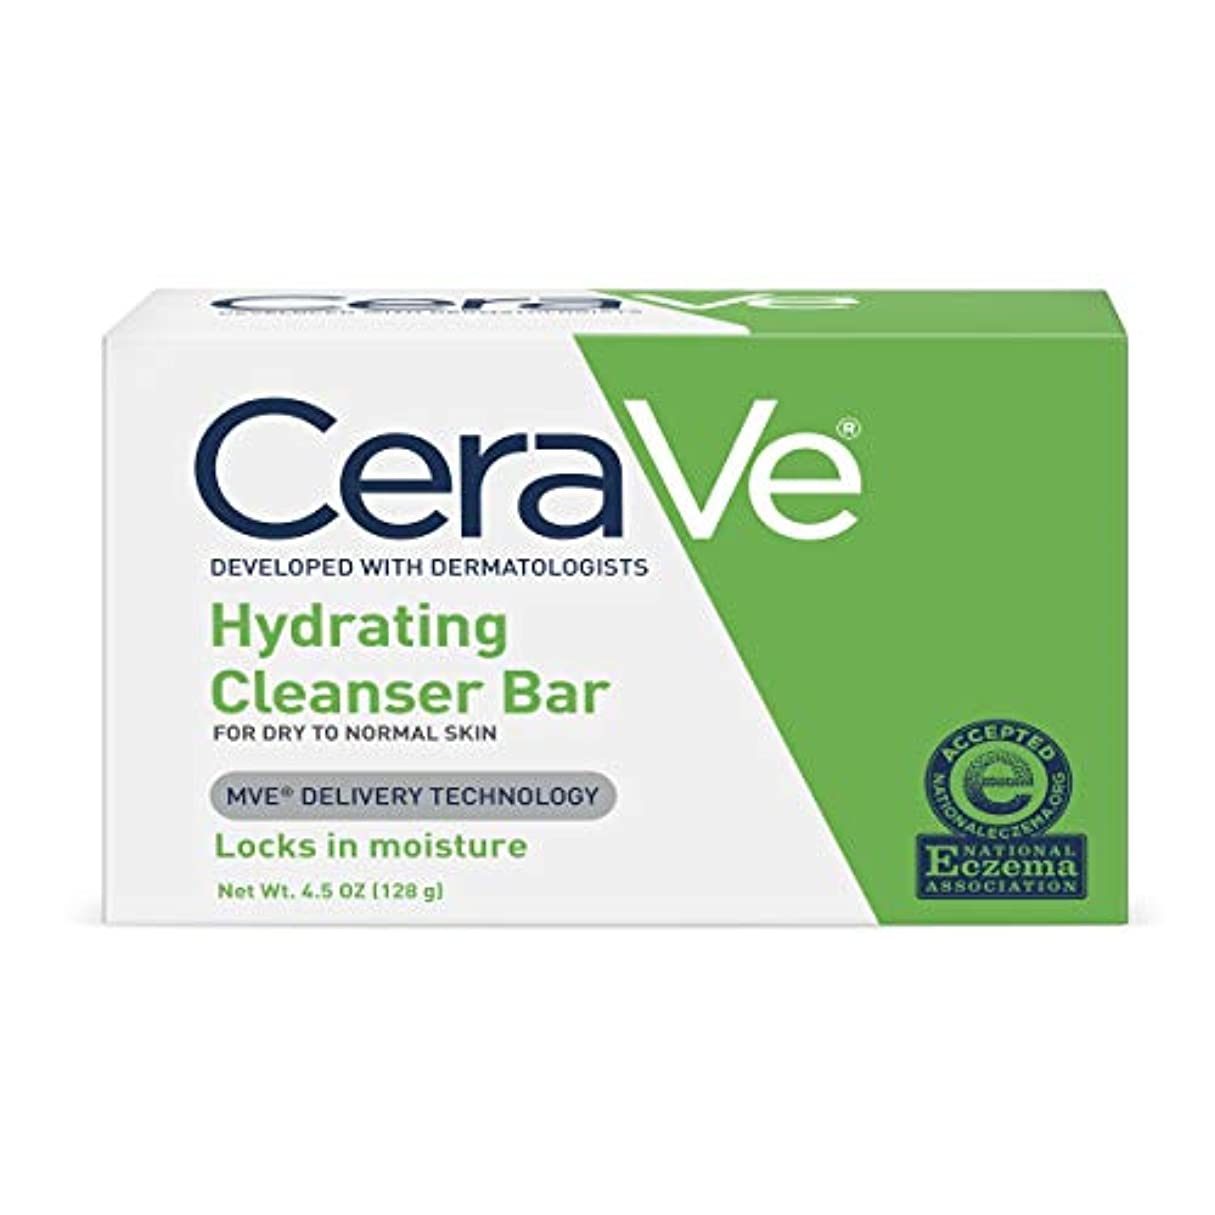 マイコン品バルブCeraVe 正常皮膚とハイドレイティングクレンザーバードライ - 4.5オズ、5パック